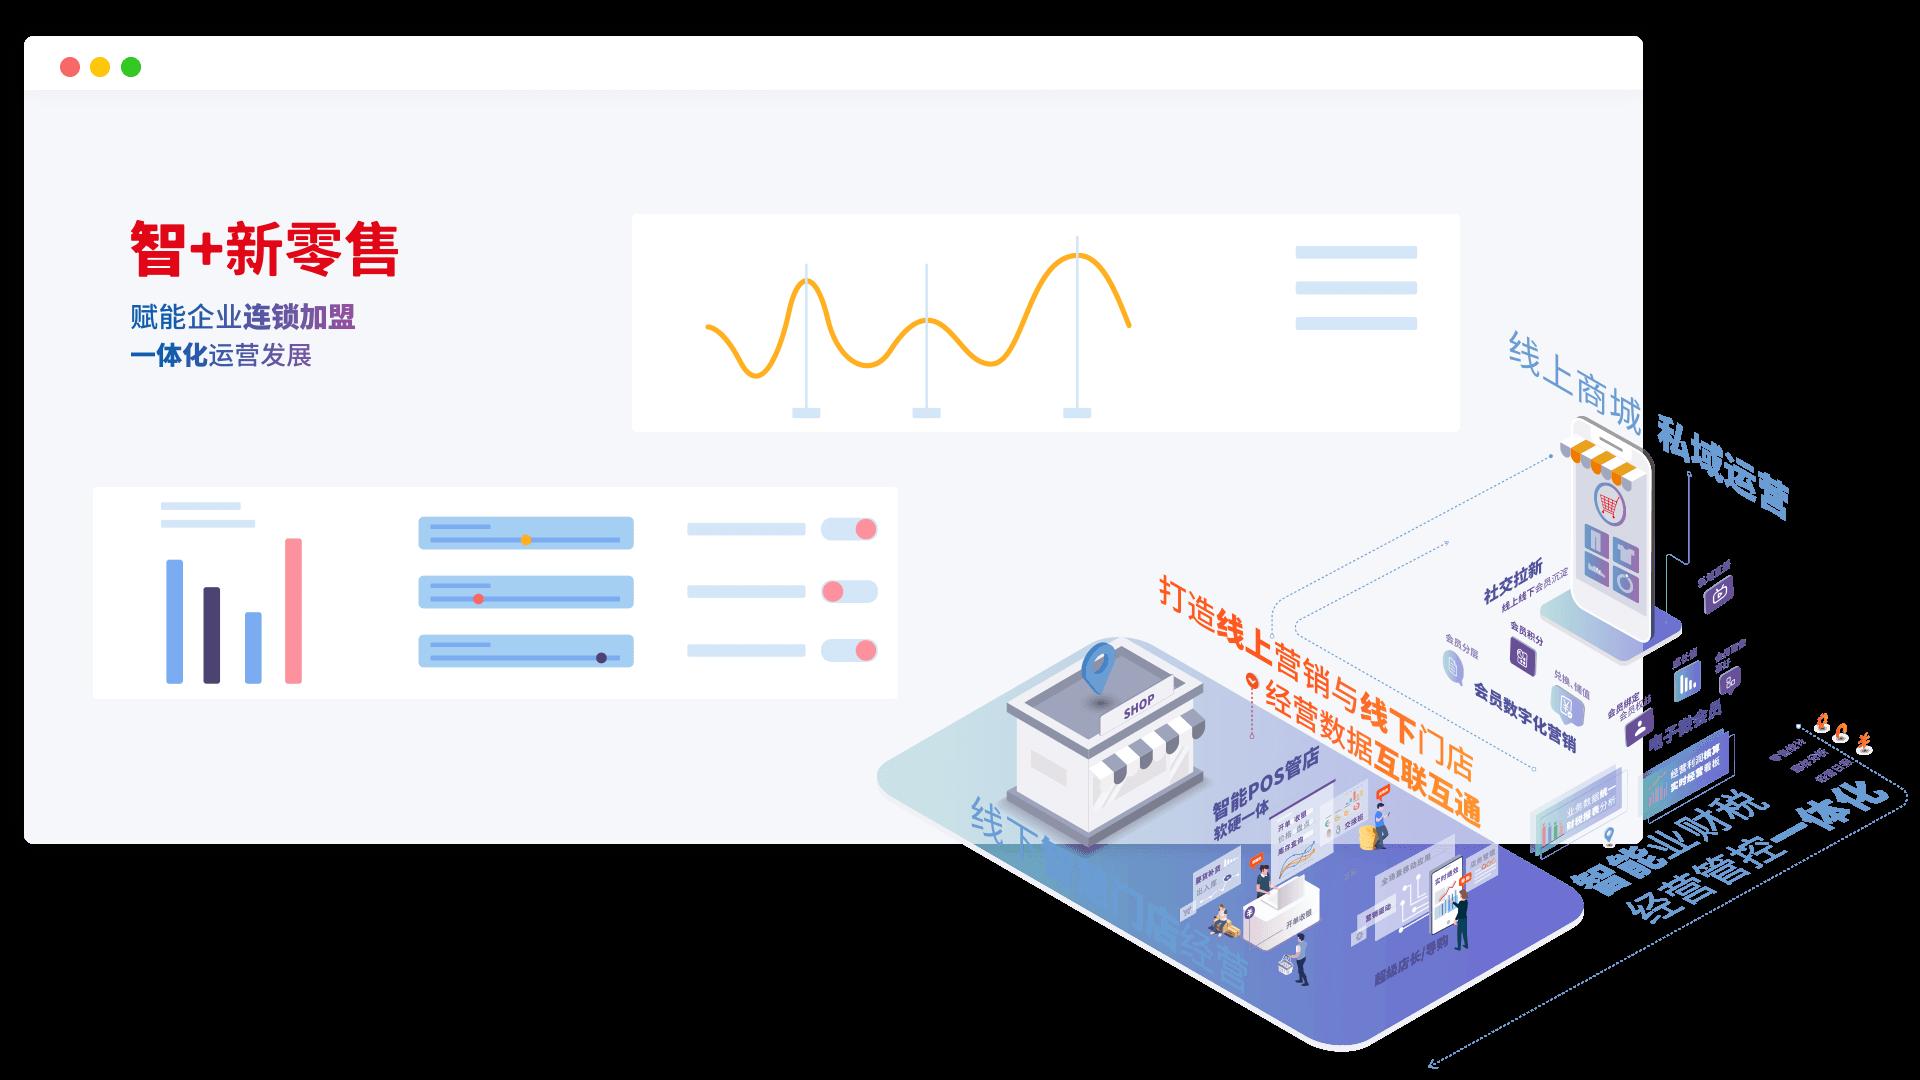 T+Cloud 打造智慧门店